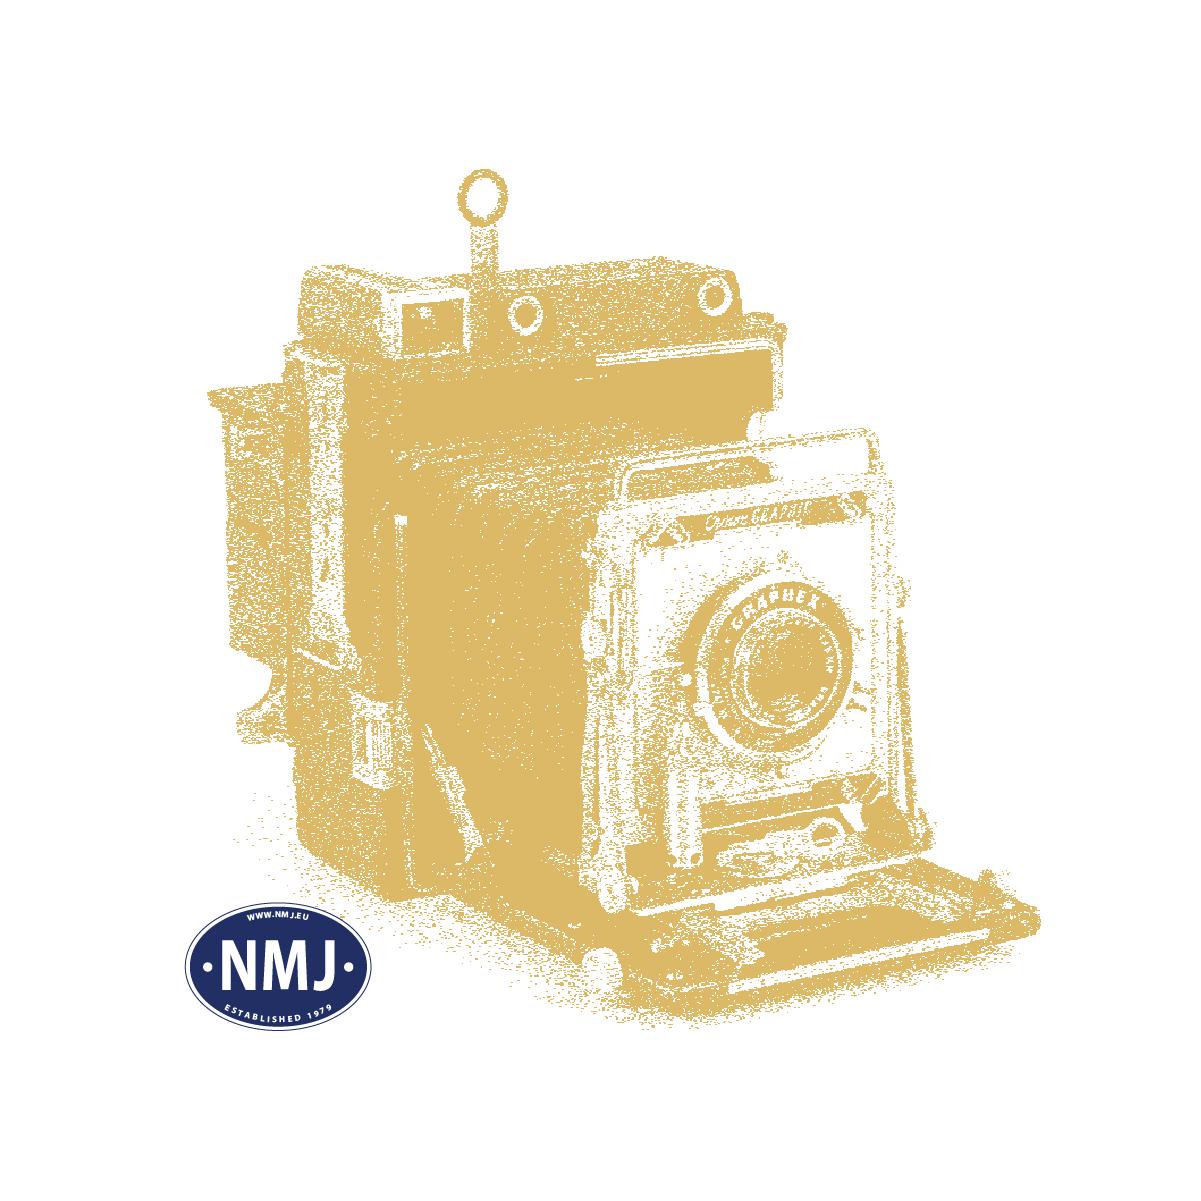 TAM82164 - LP-64 Olive Drab, Lacquer Paint, 10ml